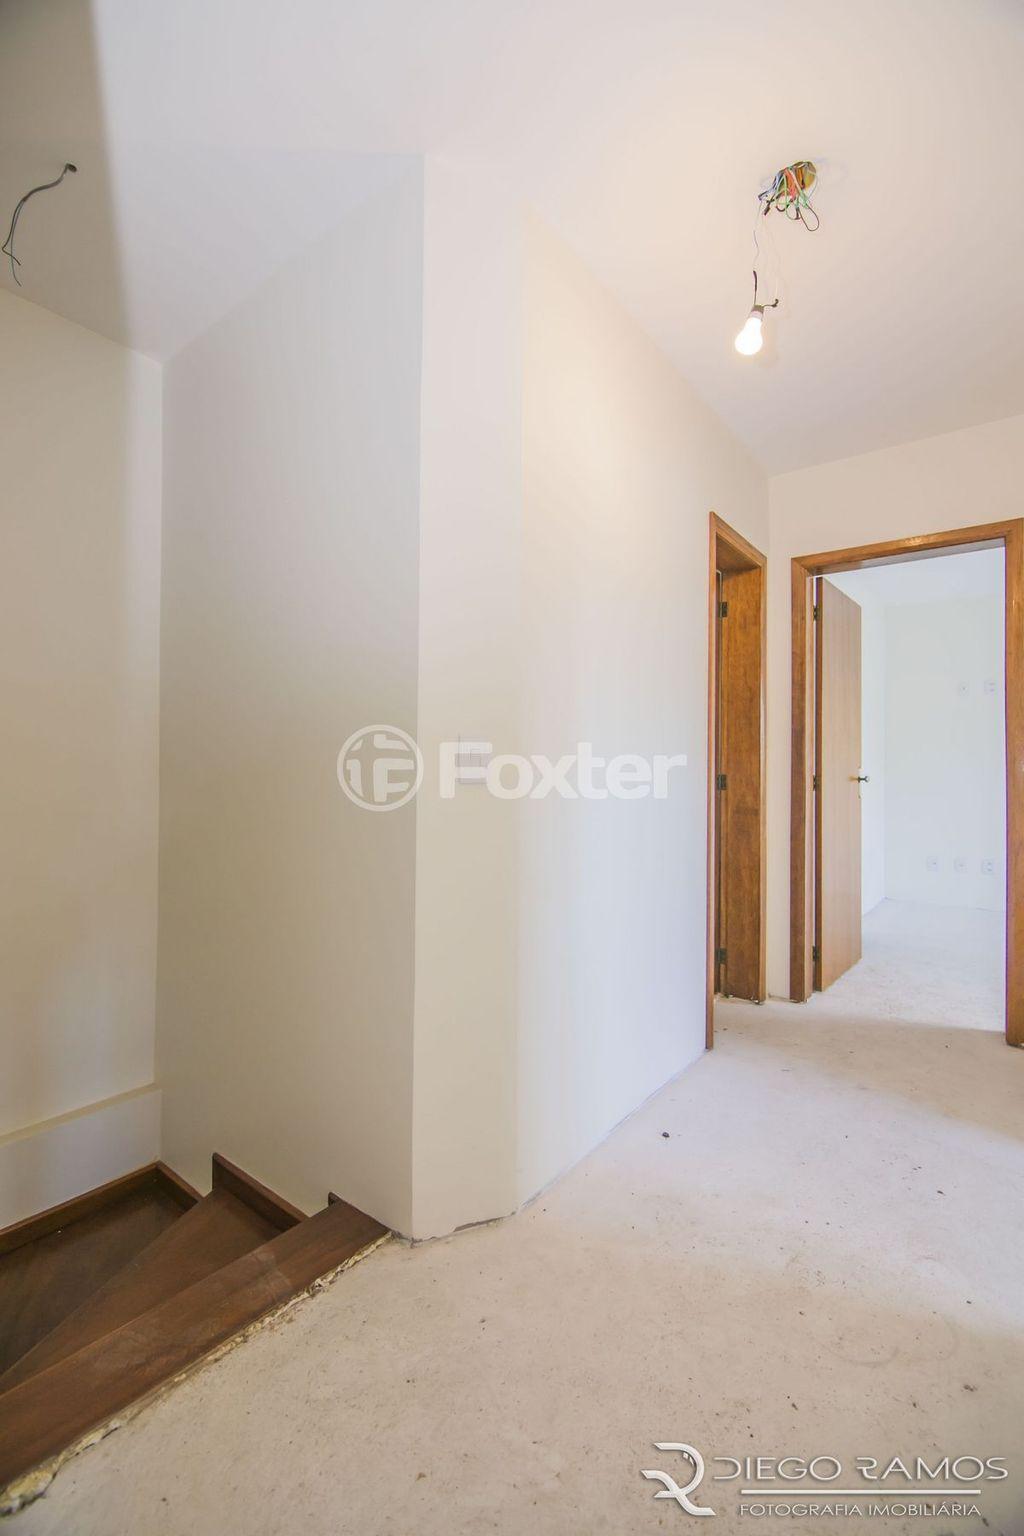 Foxter Imobiliária - Casa 3 Dorm, Camaquã (132855) - Foto 22